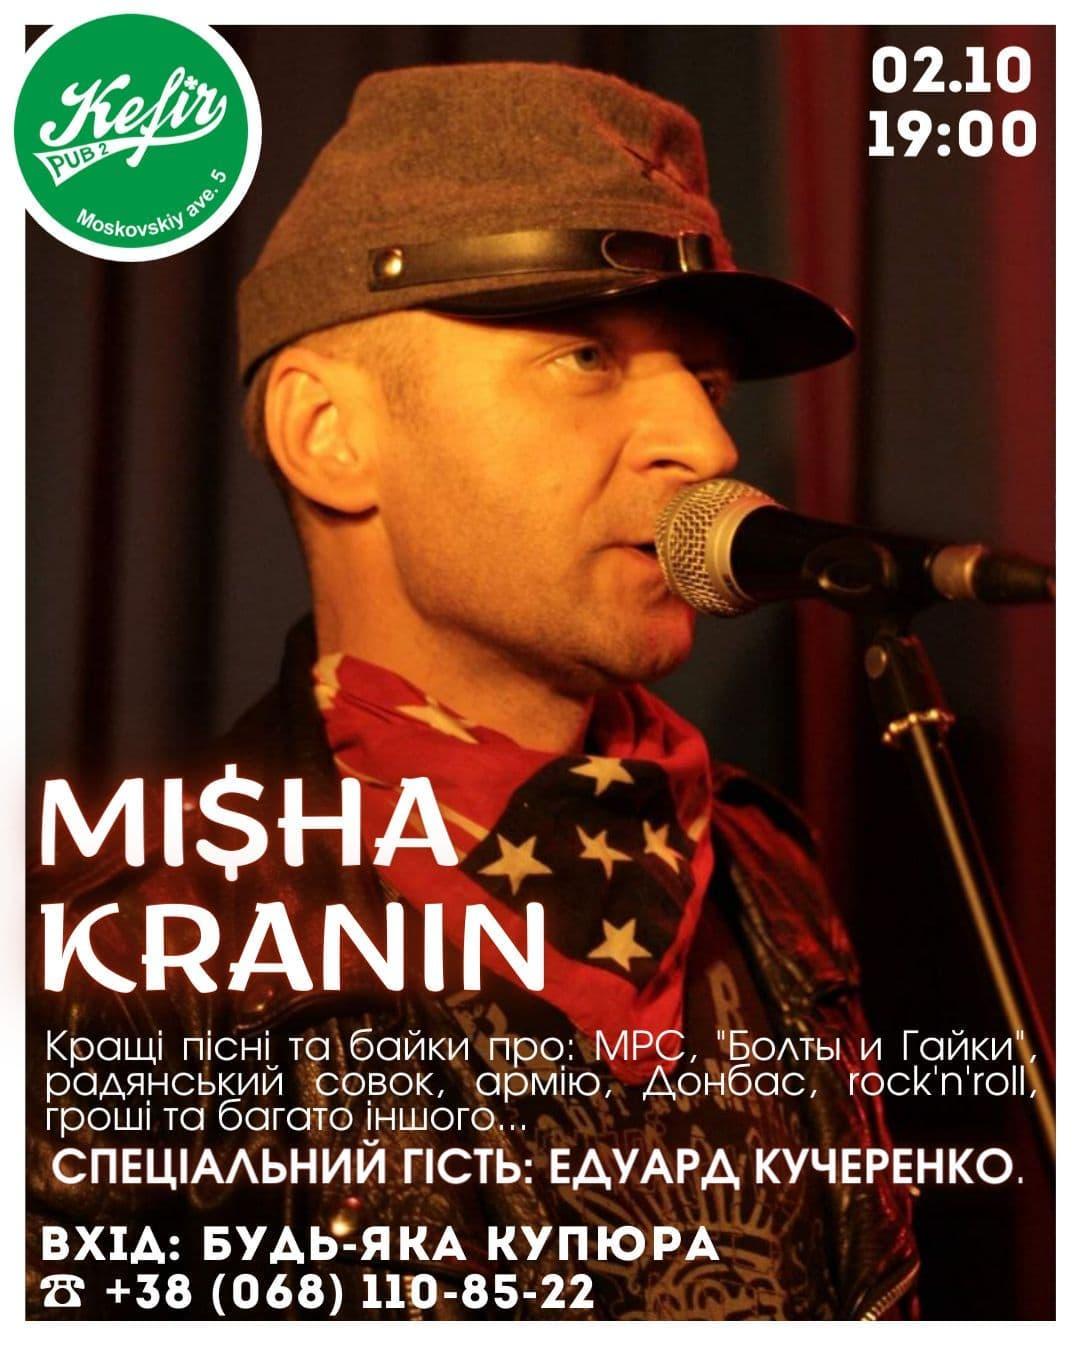 """Міша Кранін. Кращі пісні та байки про: МПК, """"Болты и Гайки"""" радянський совок, армію, Донбас, rock'n'roll, гроші та багато іншого."""